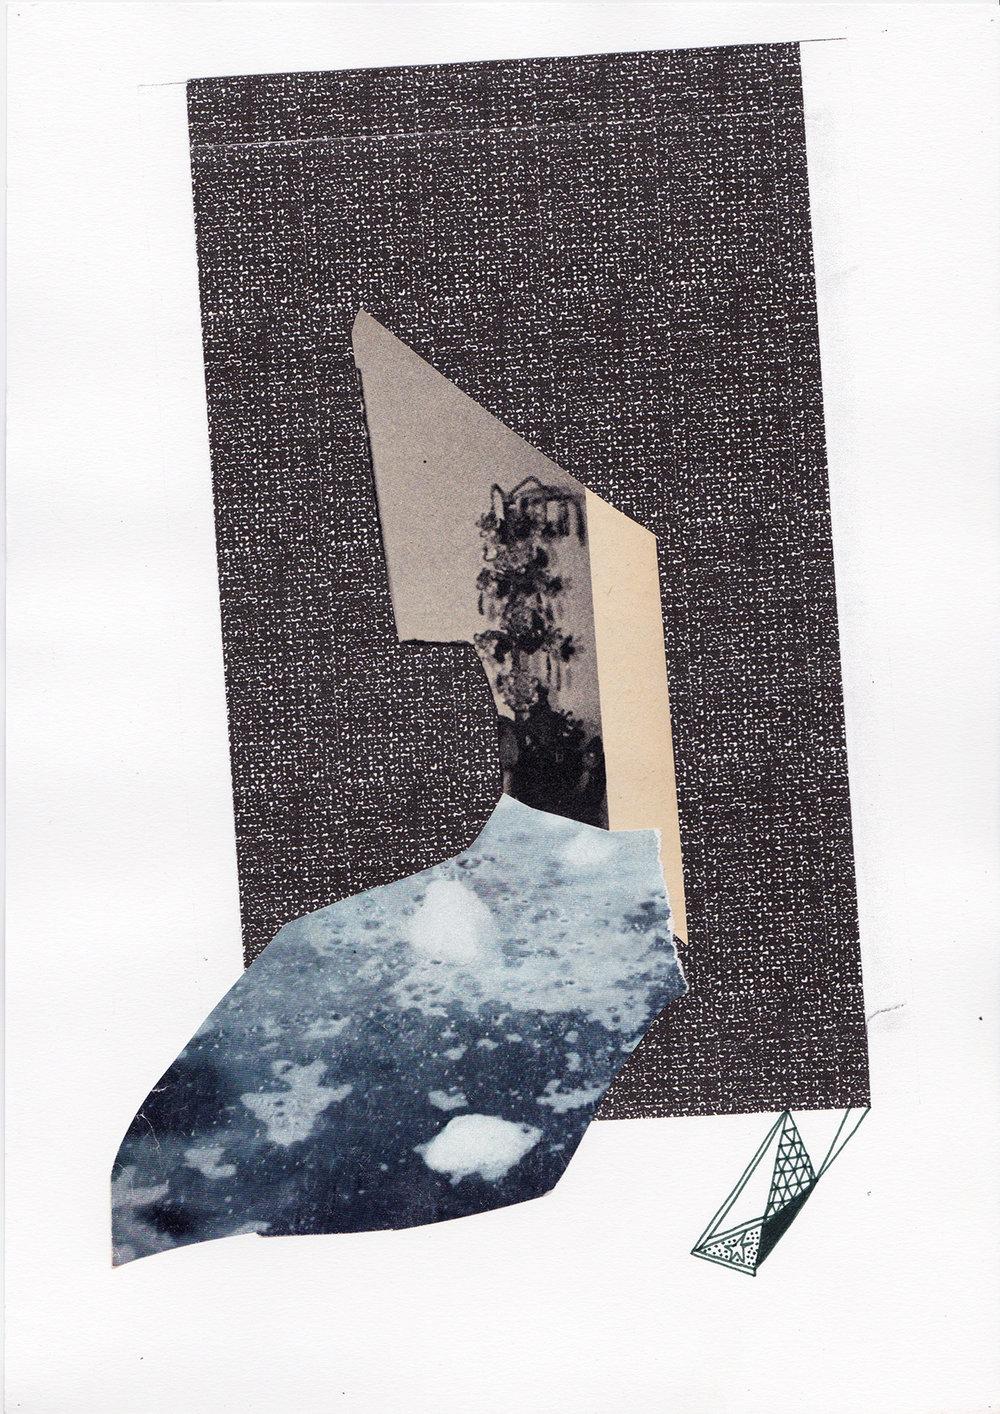 Marée, collage, 2013